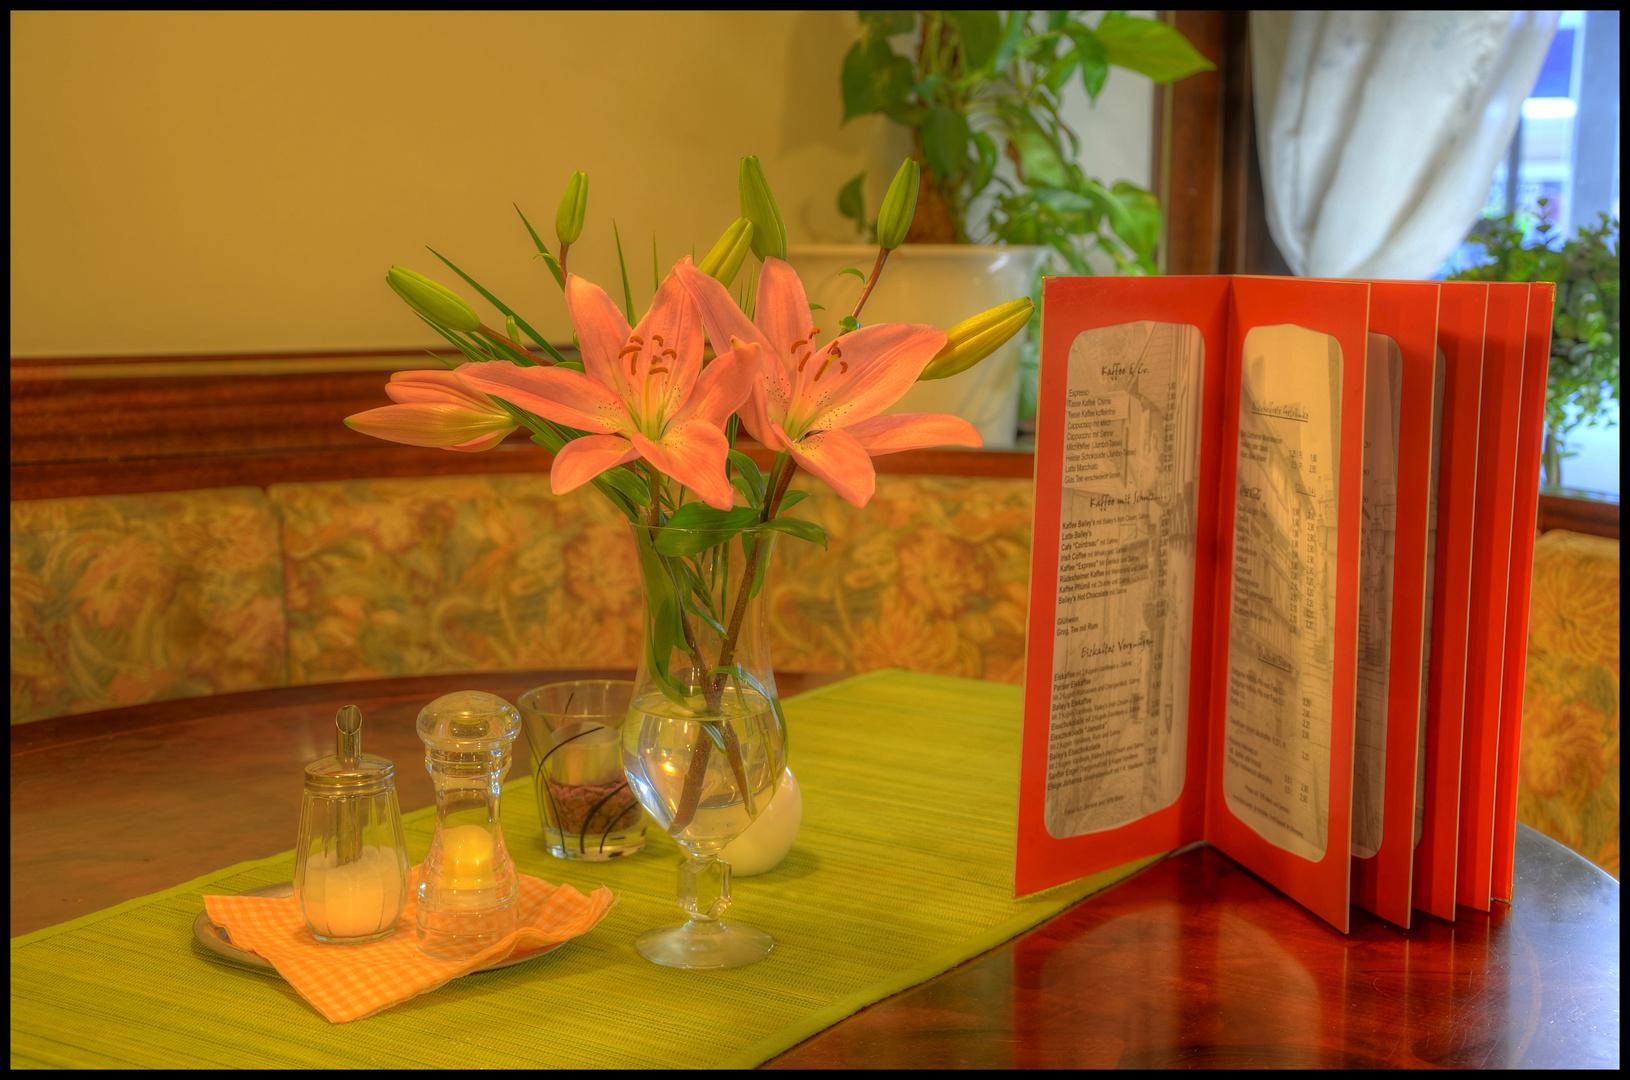 Les fleurs dans le Cafe